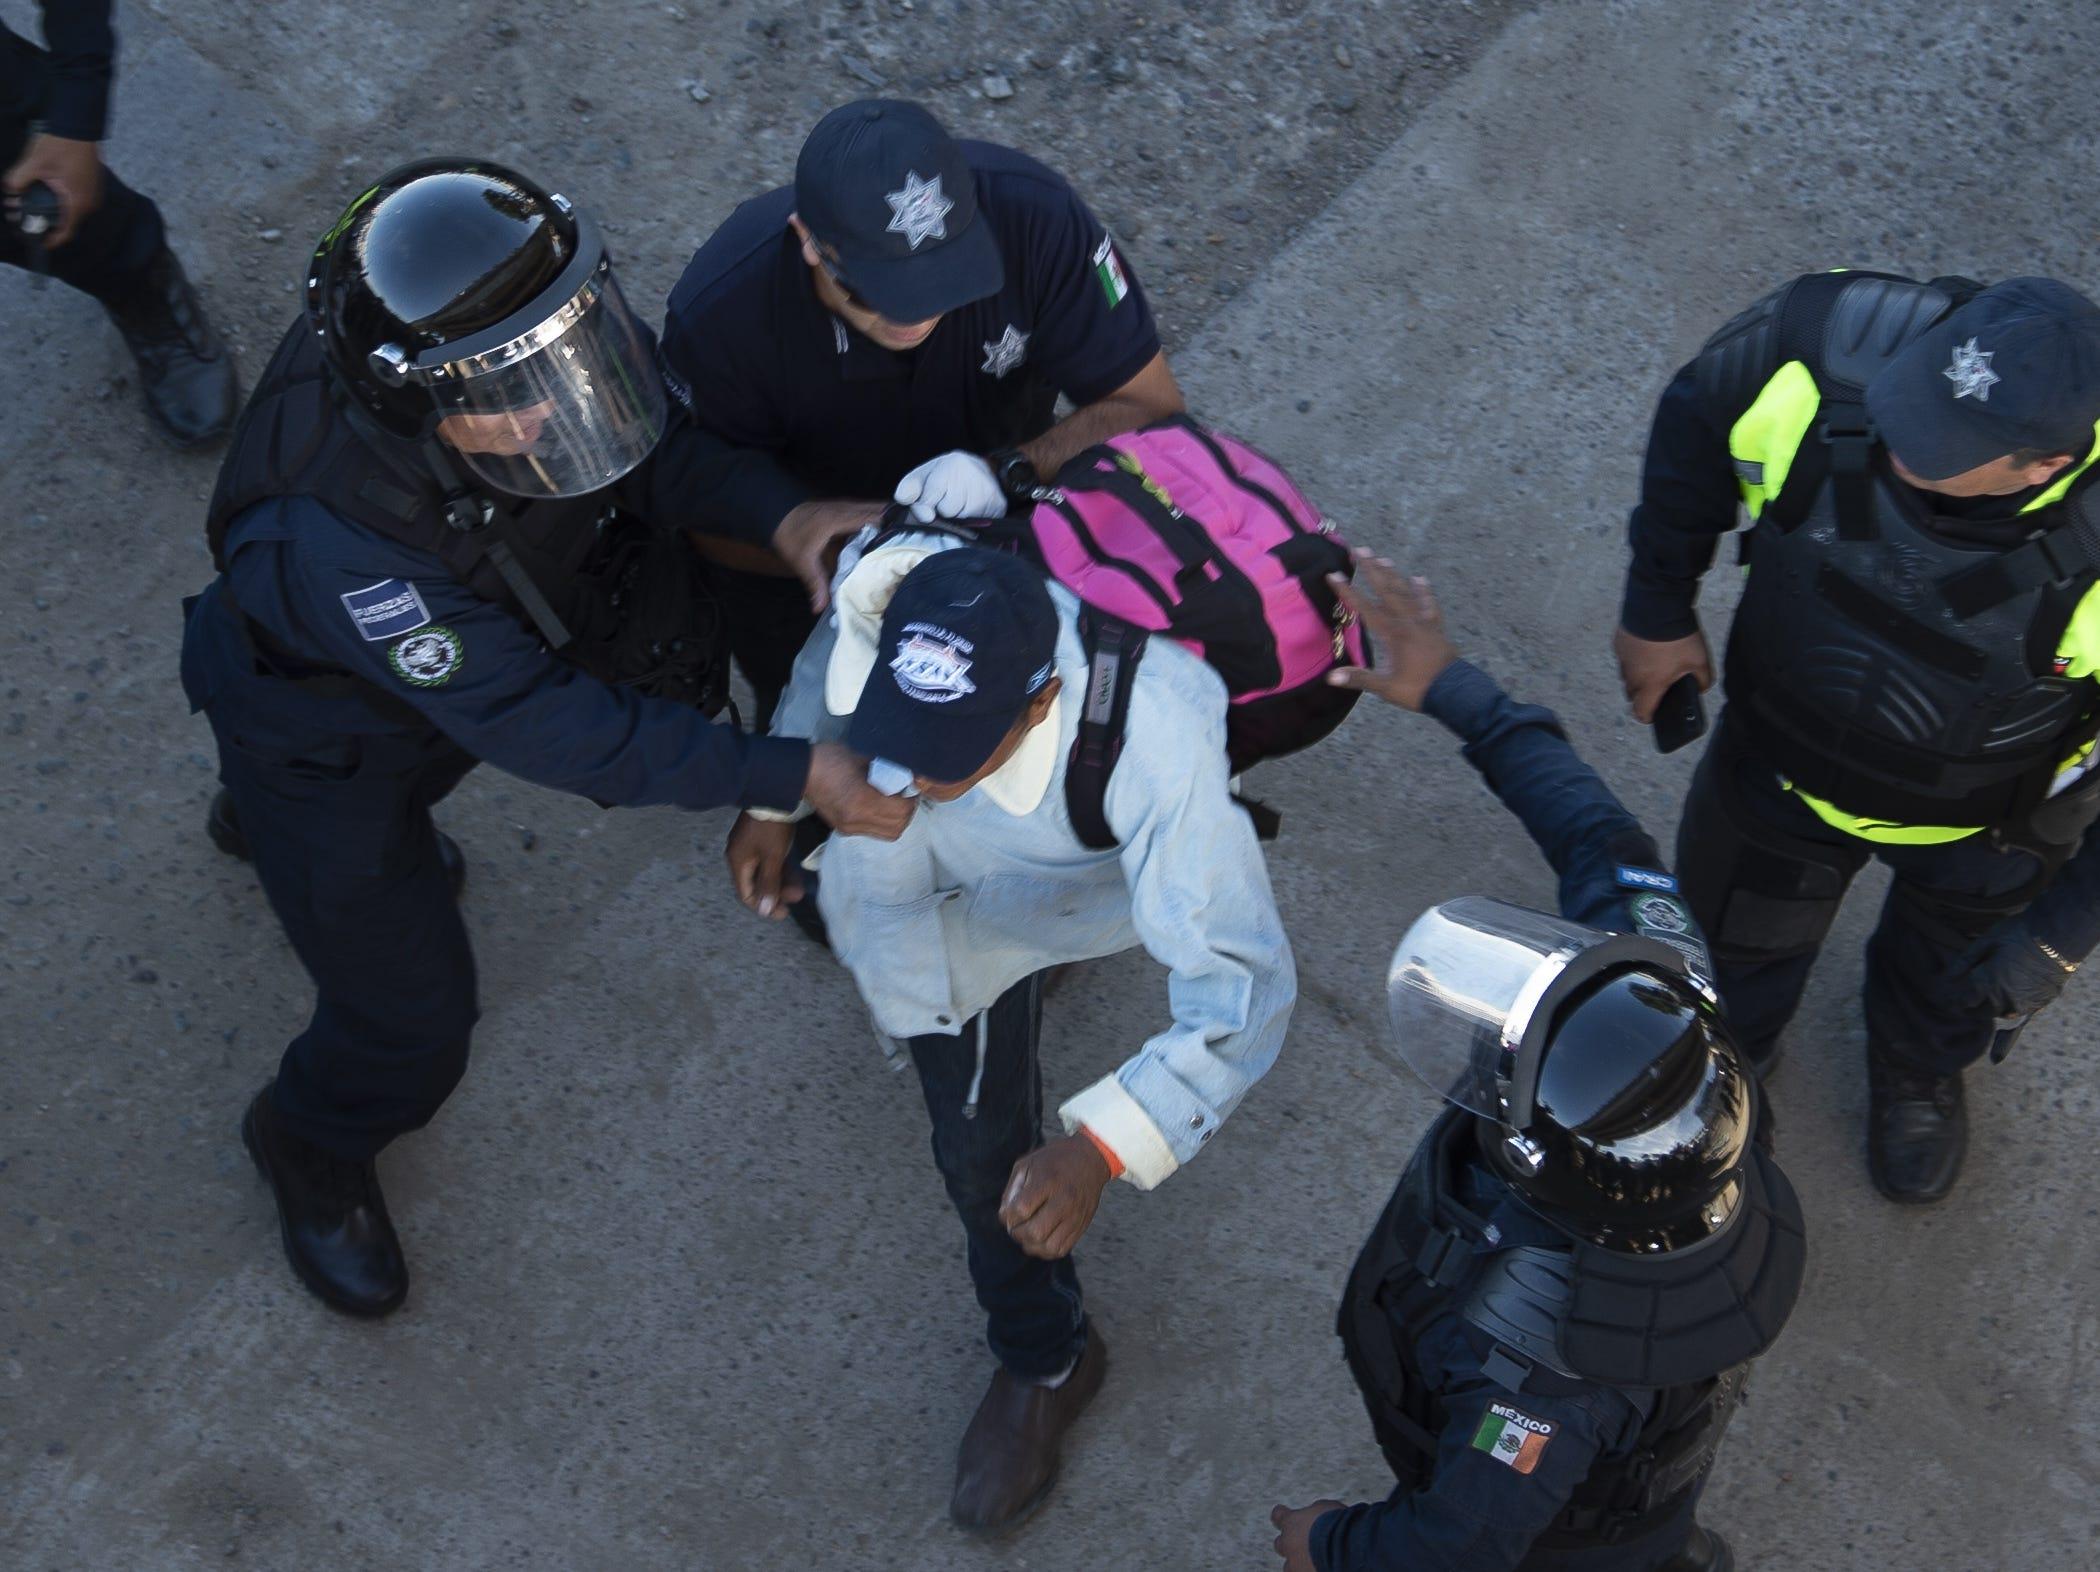 Un migrante centroamericano lucha con las fuerzas policiales mexicanas cuando llega al cruce fronterizo de El Chaparral, en Tijuana, estado de Baja California, México, el 25 de noviembre de 2018.